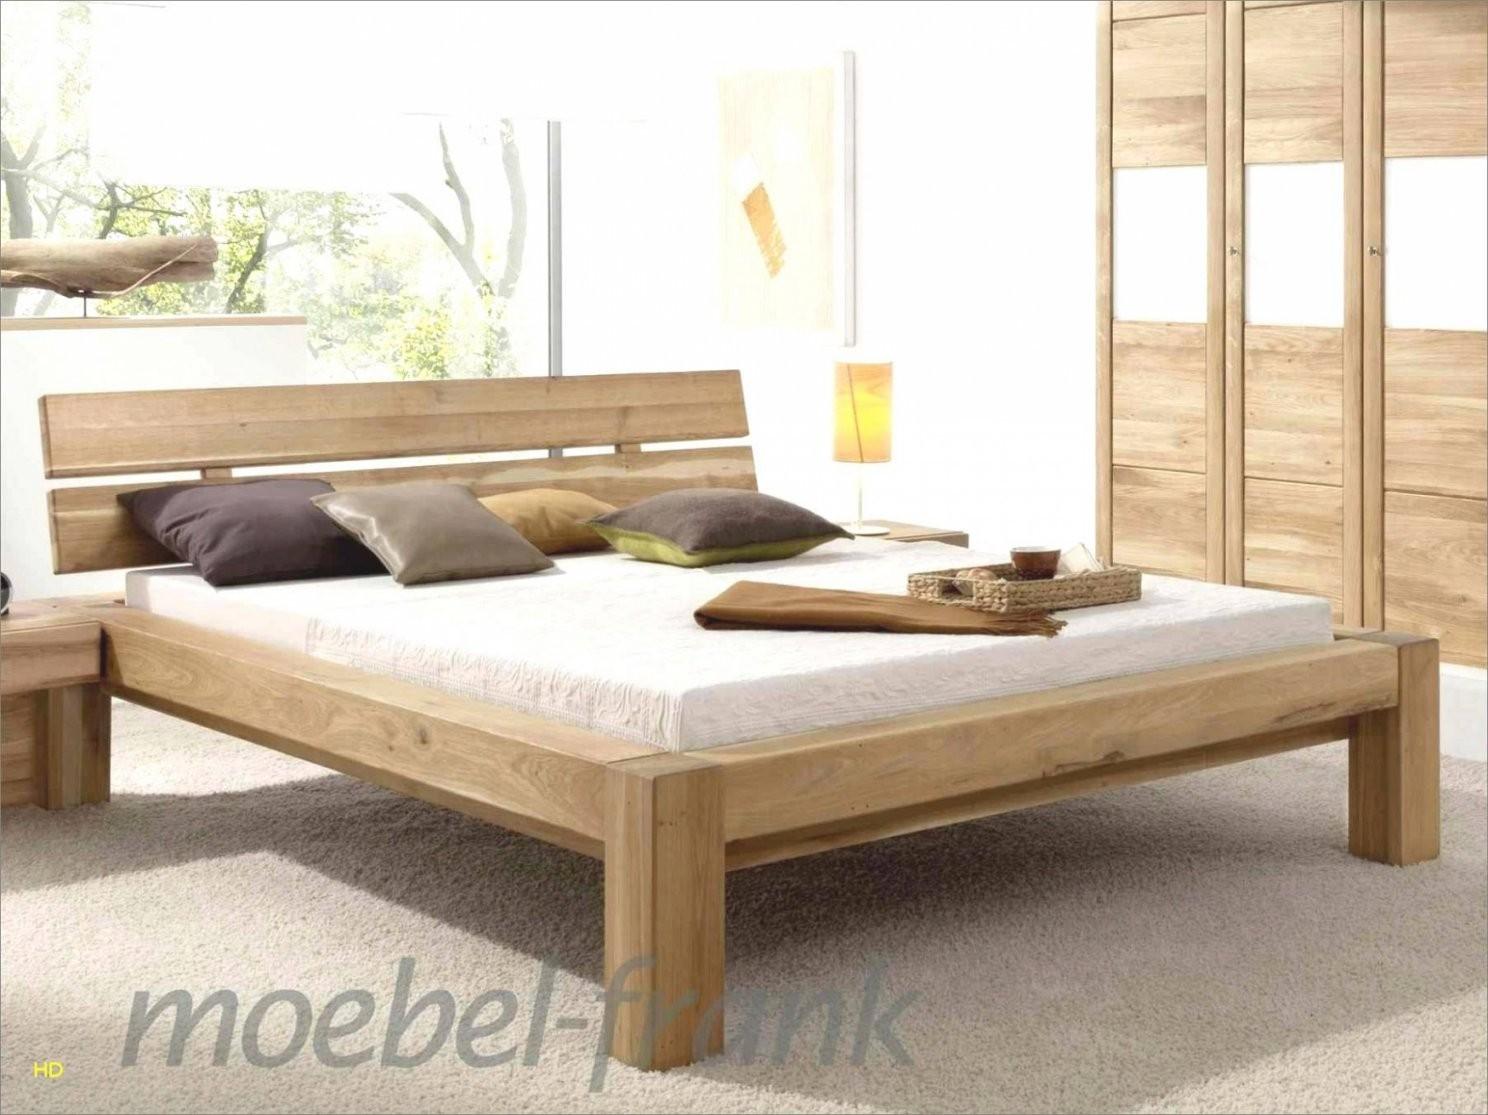 Das Beste Von 29 Bett Komforthöhe 180X200 Konzept Wohnträume — Yct von Bett Komforthöhe 180X200 Bild